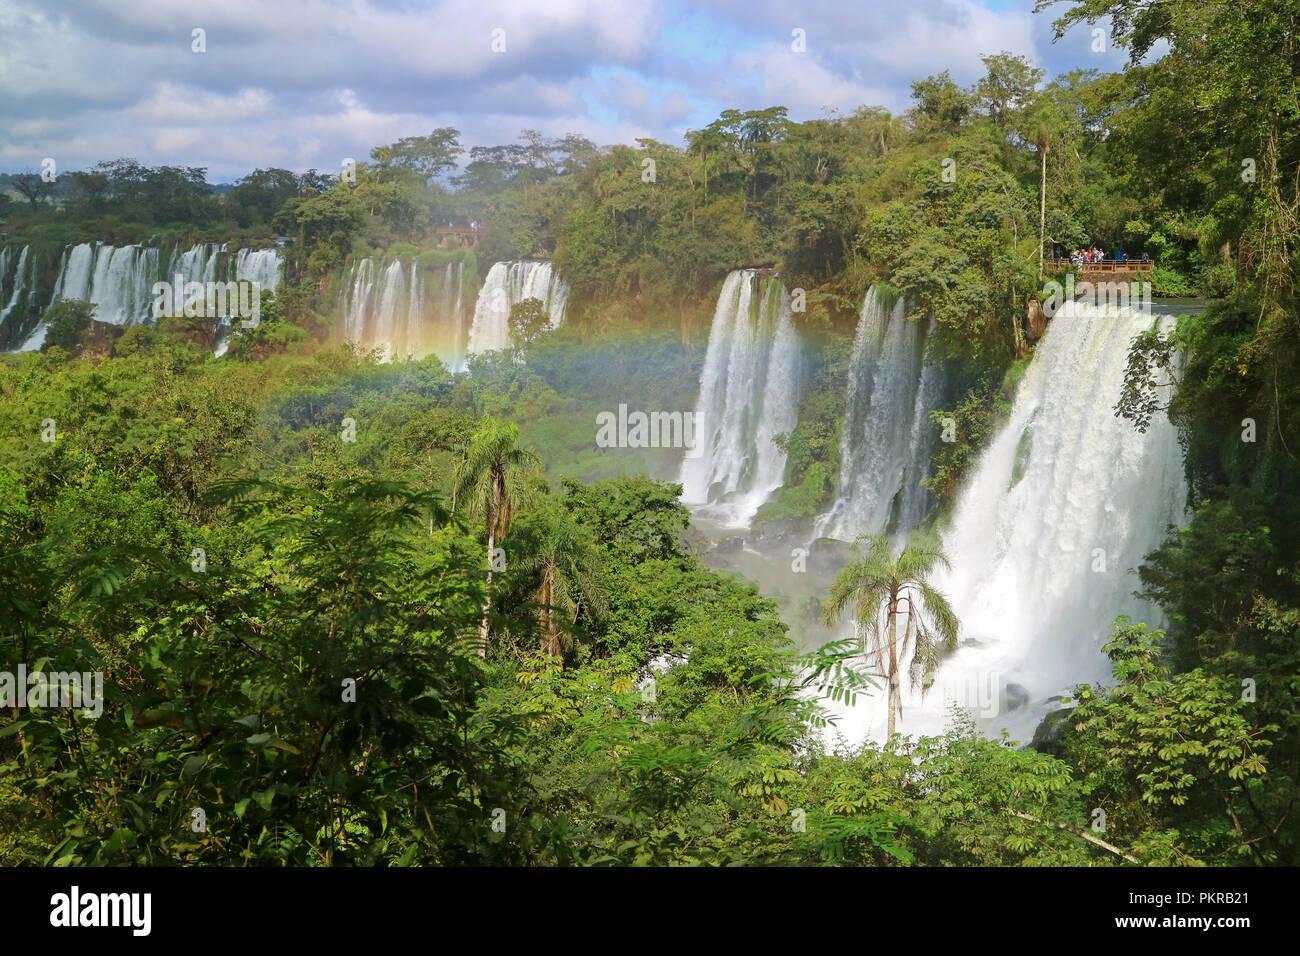 Cataratas del Iguazu or Iguazu Falls at Argentinian side, UNESCO World Heritage in Puerto Iguazu, Argentina - Stock Image